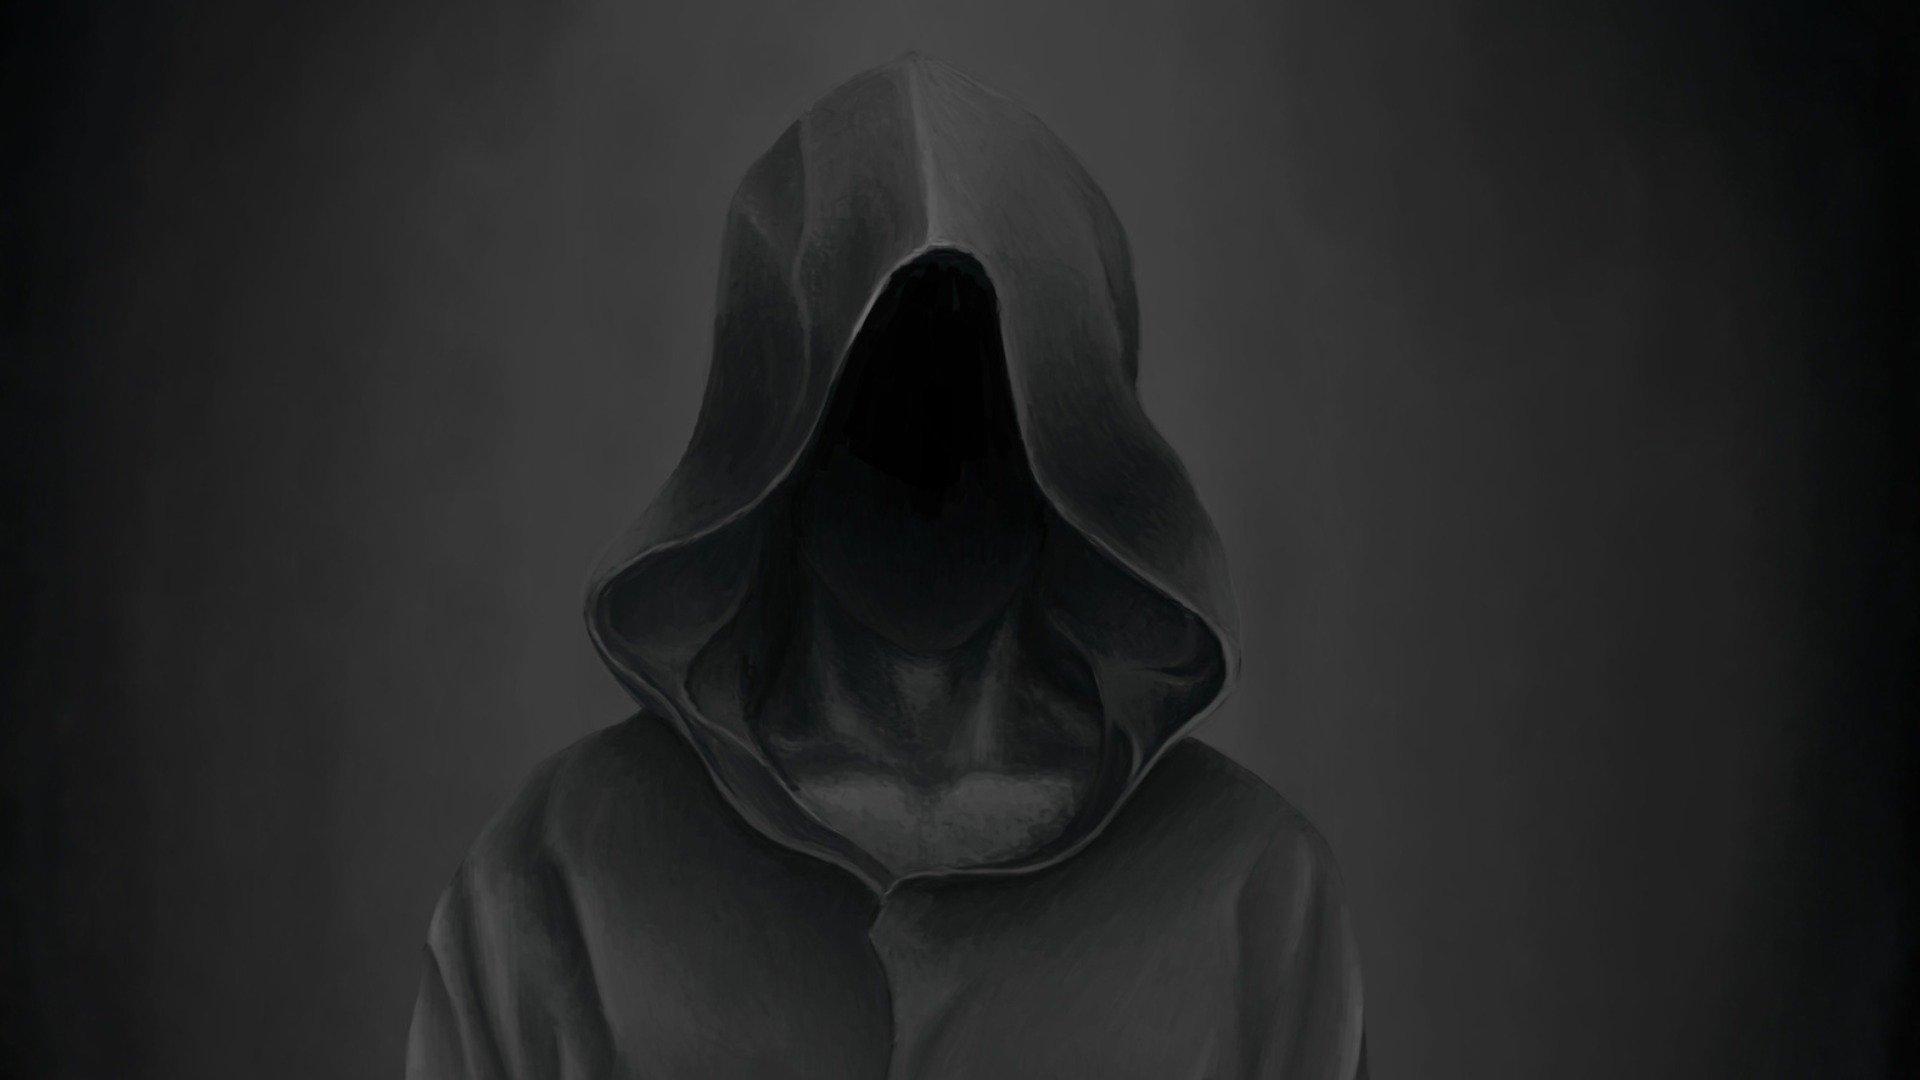 hoodie wallpaper - photo #8